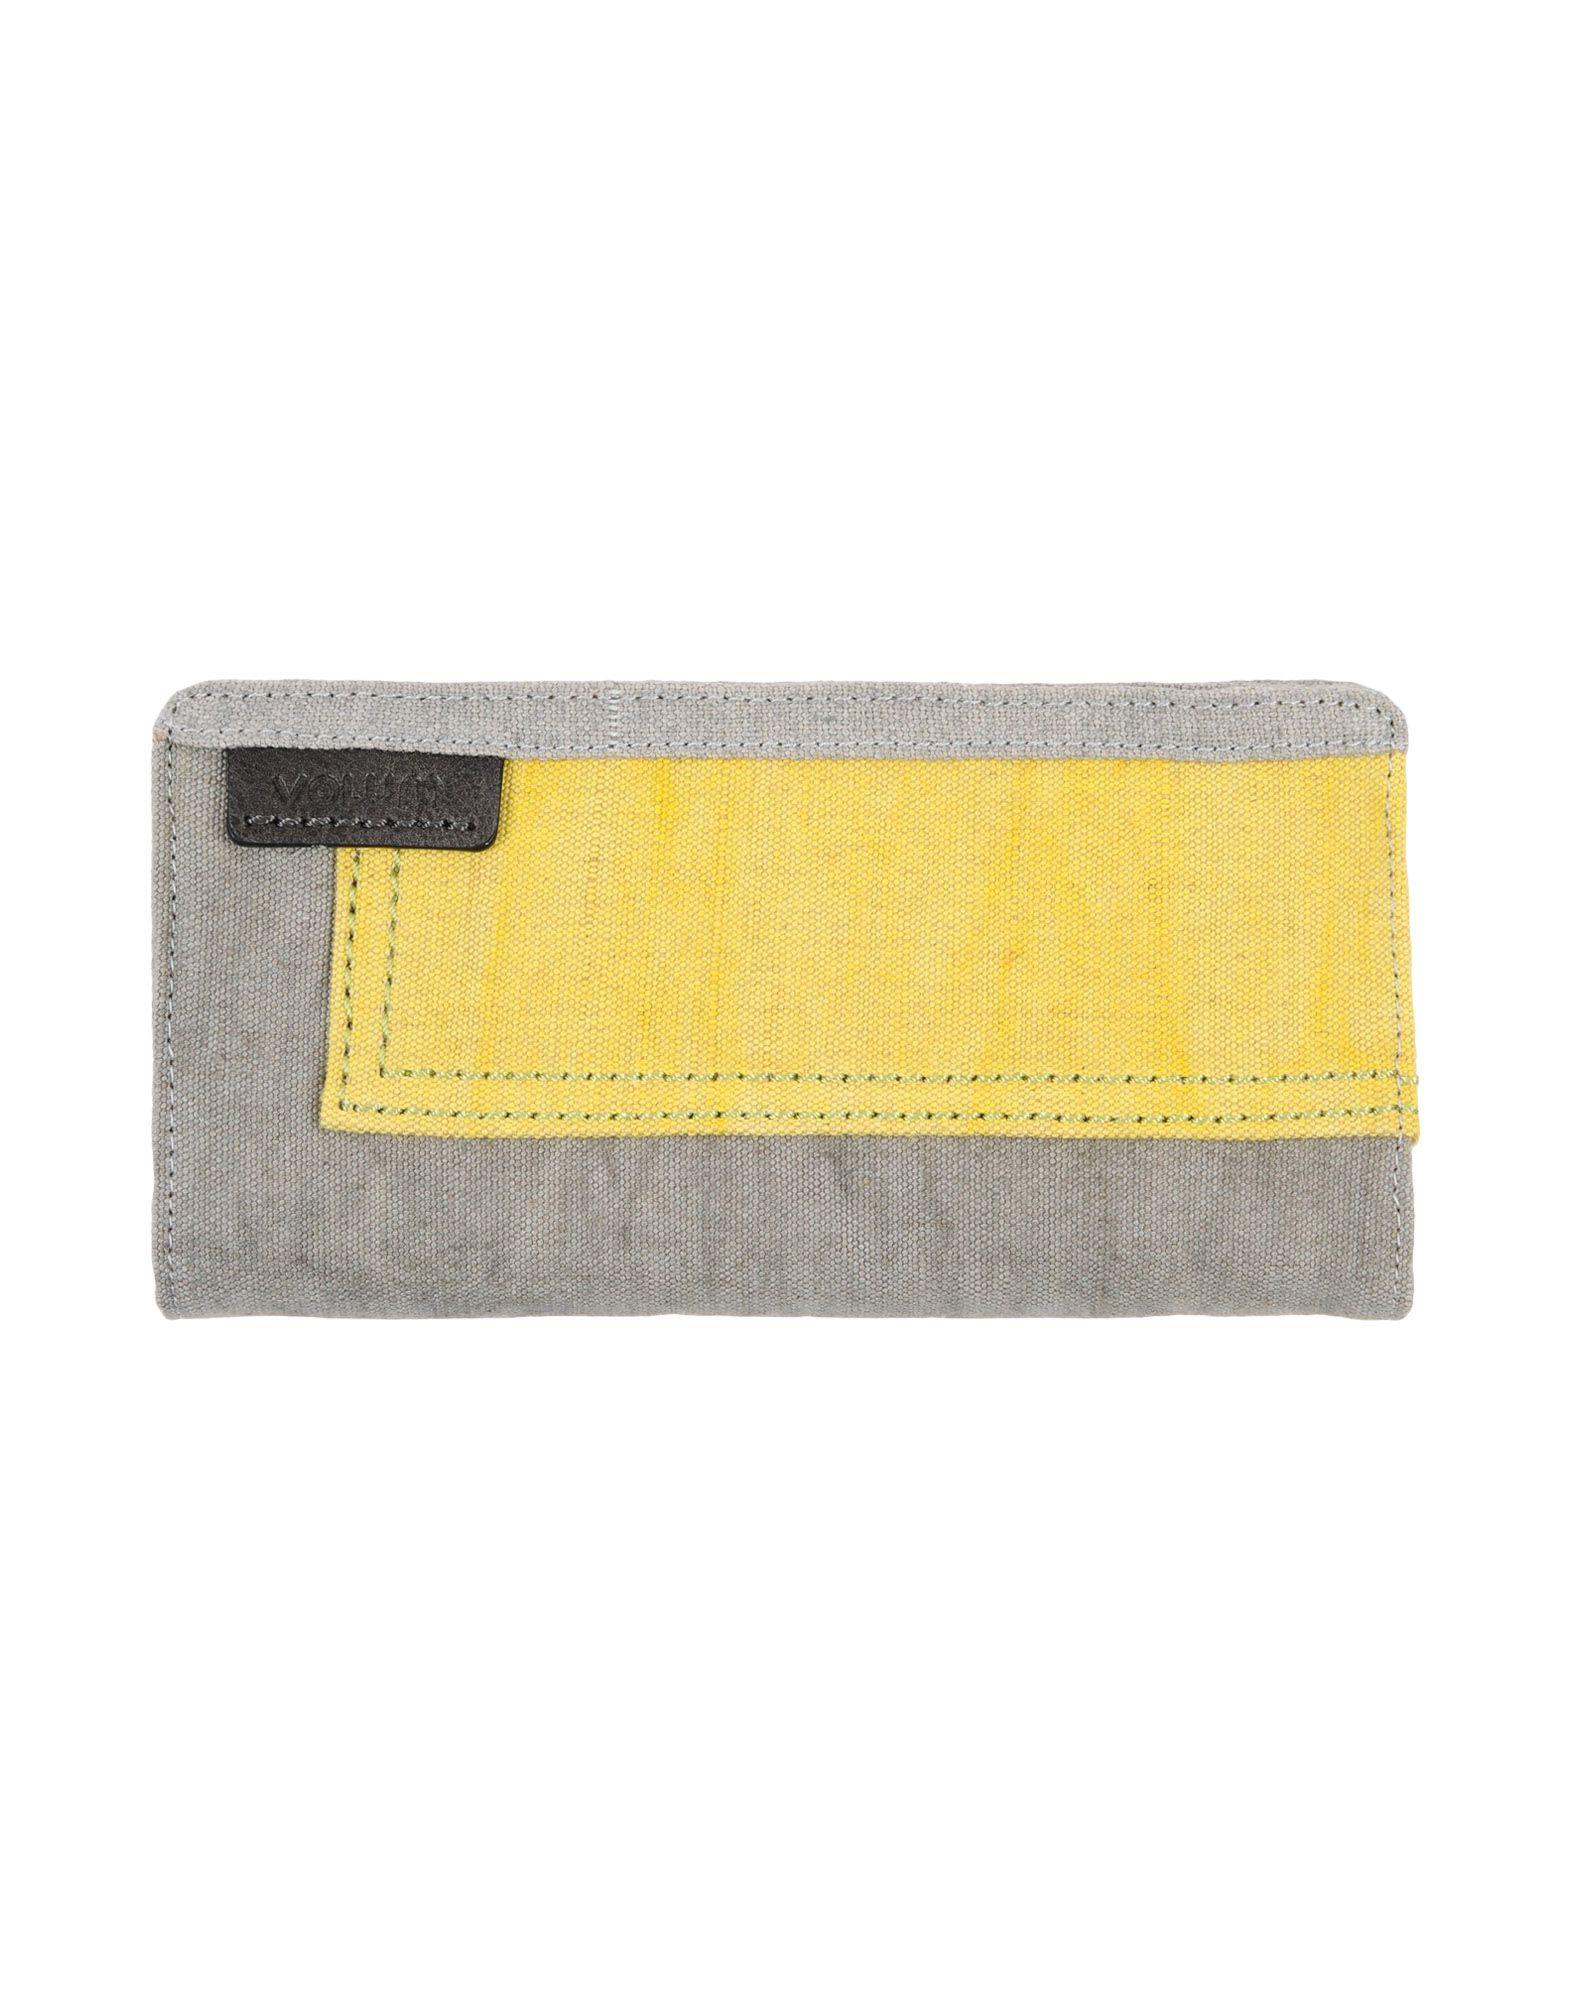 VOLUM レディース 財布 イエロー 紡績繊維